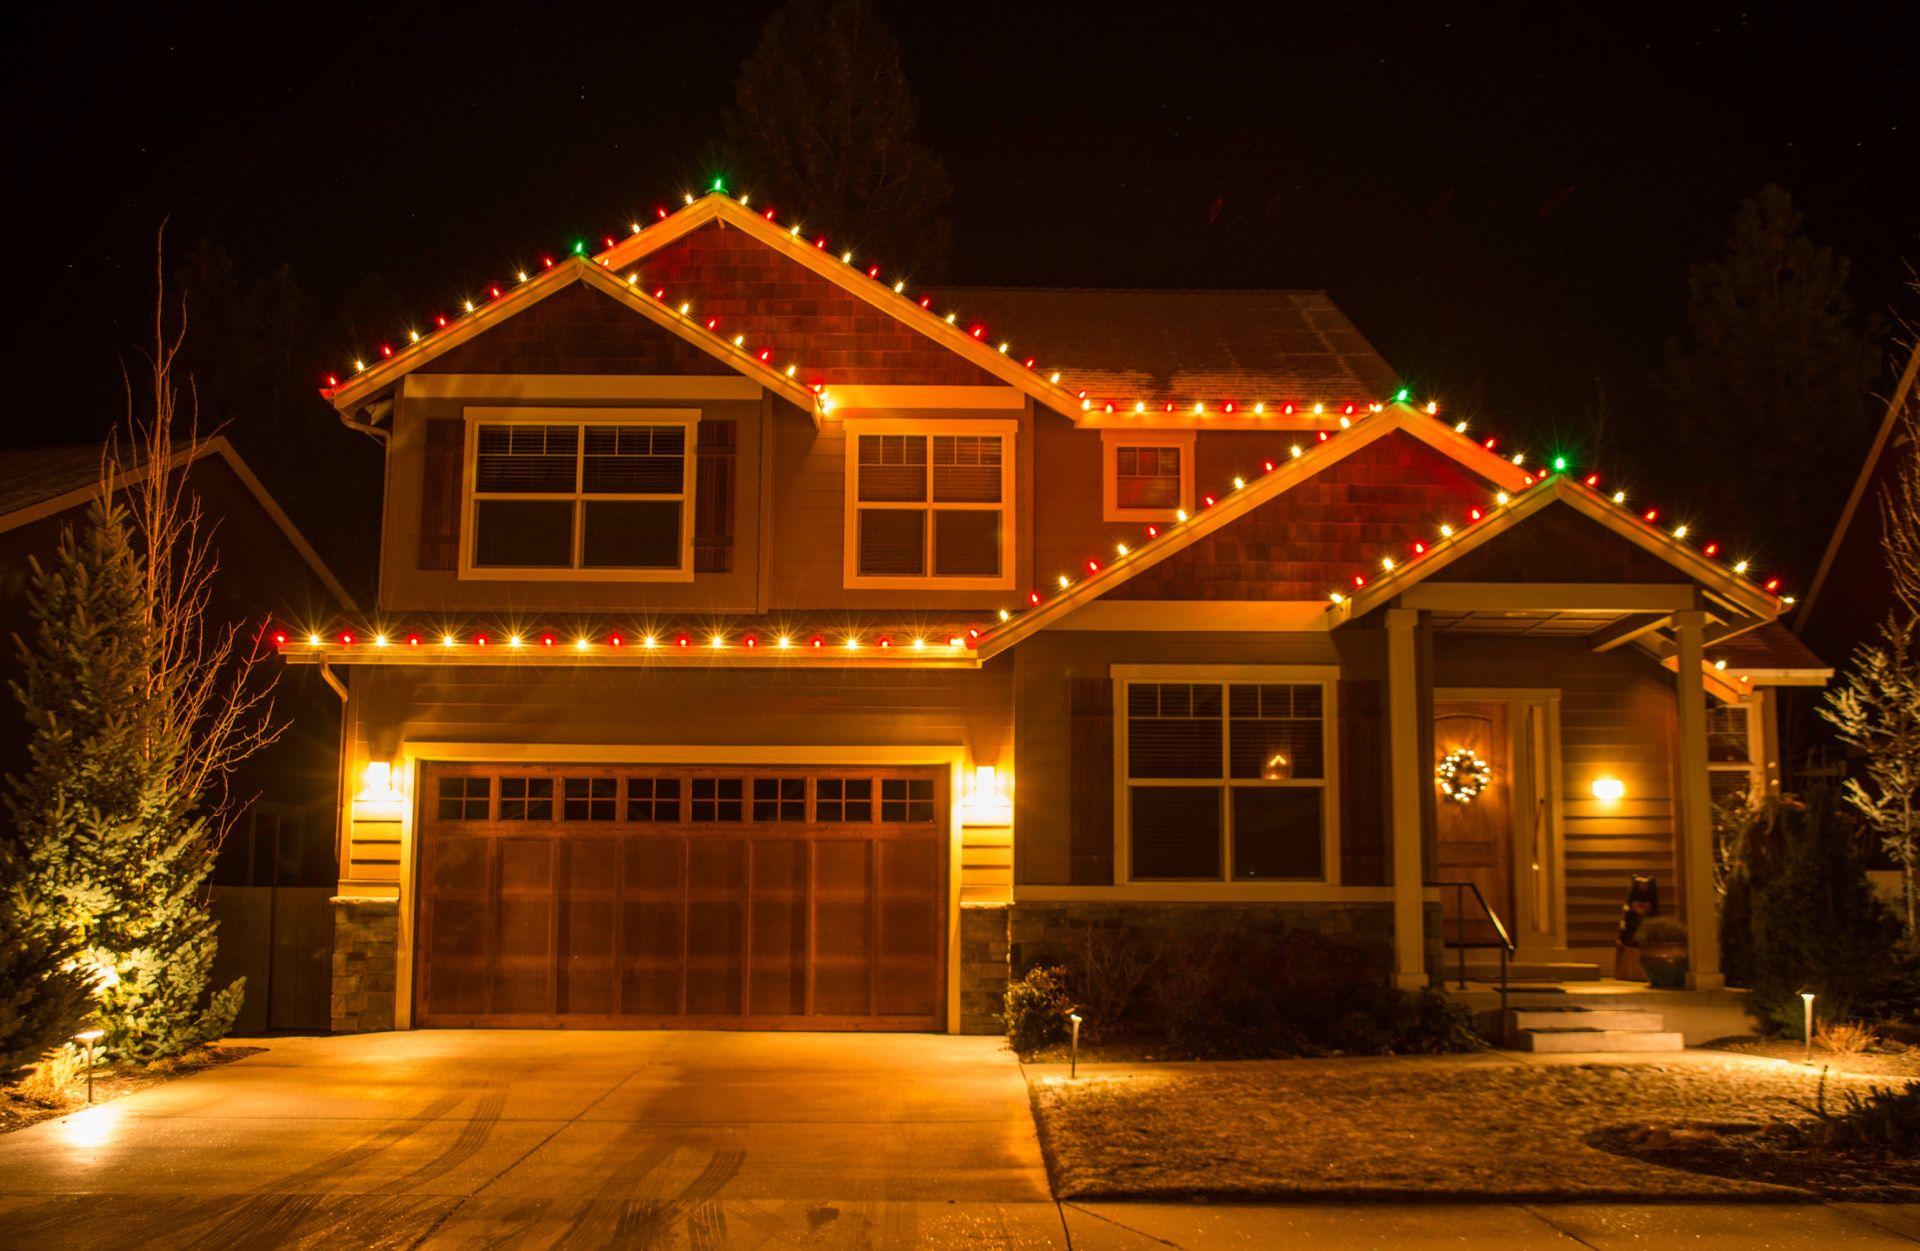 Christmas and Halloween Holiday Lights